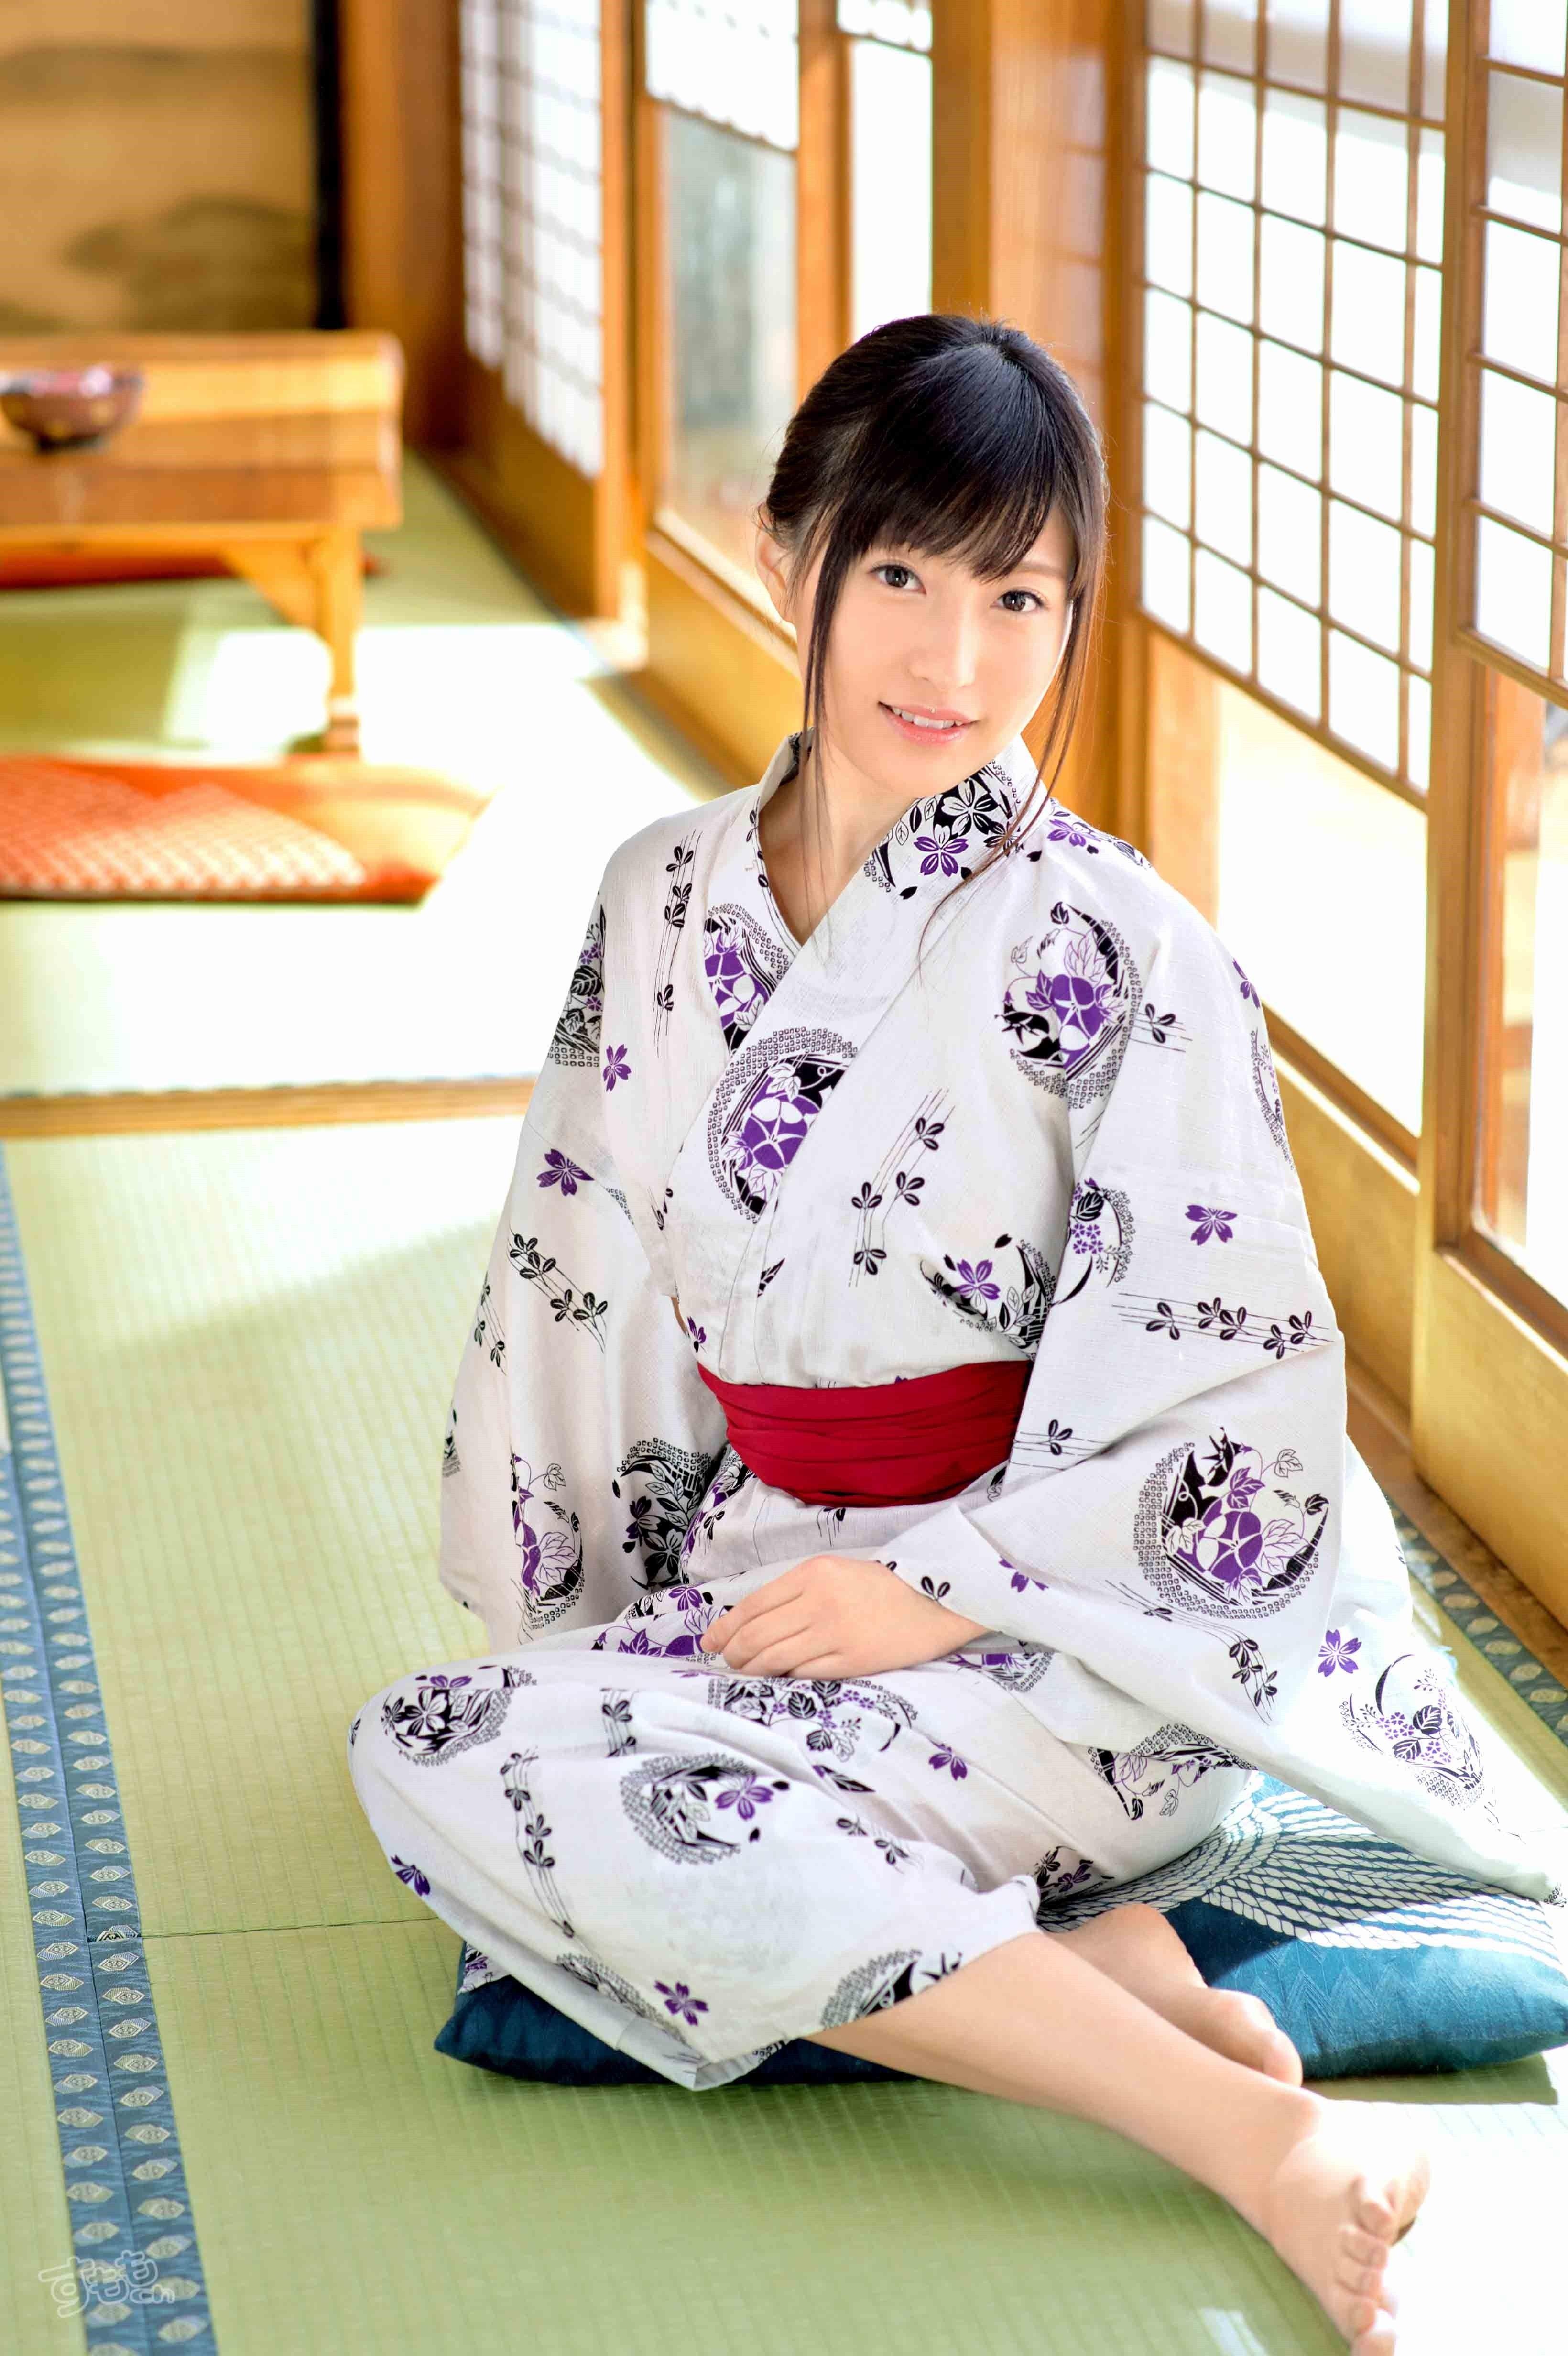 Kitano Nozomi 北野のぞみ それはすぐに私は行くべきである O O Upload: 浴衣, れでぃー, のぞみ